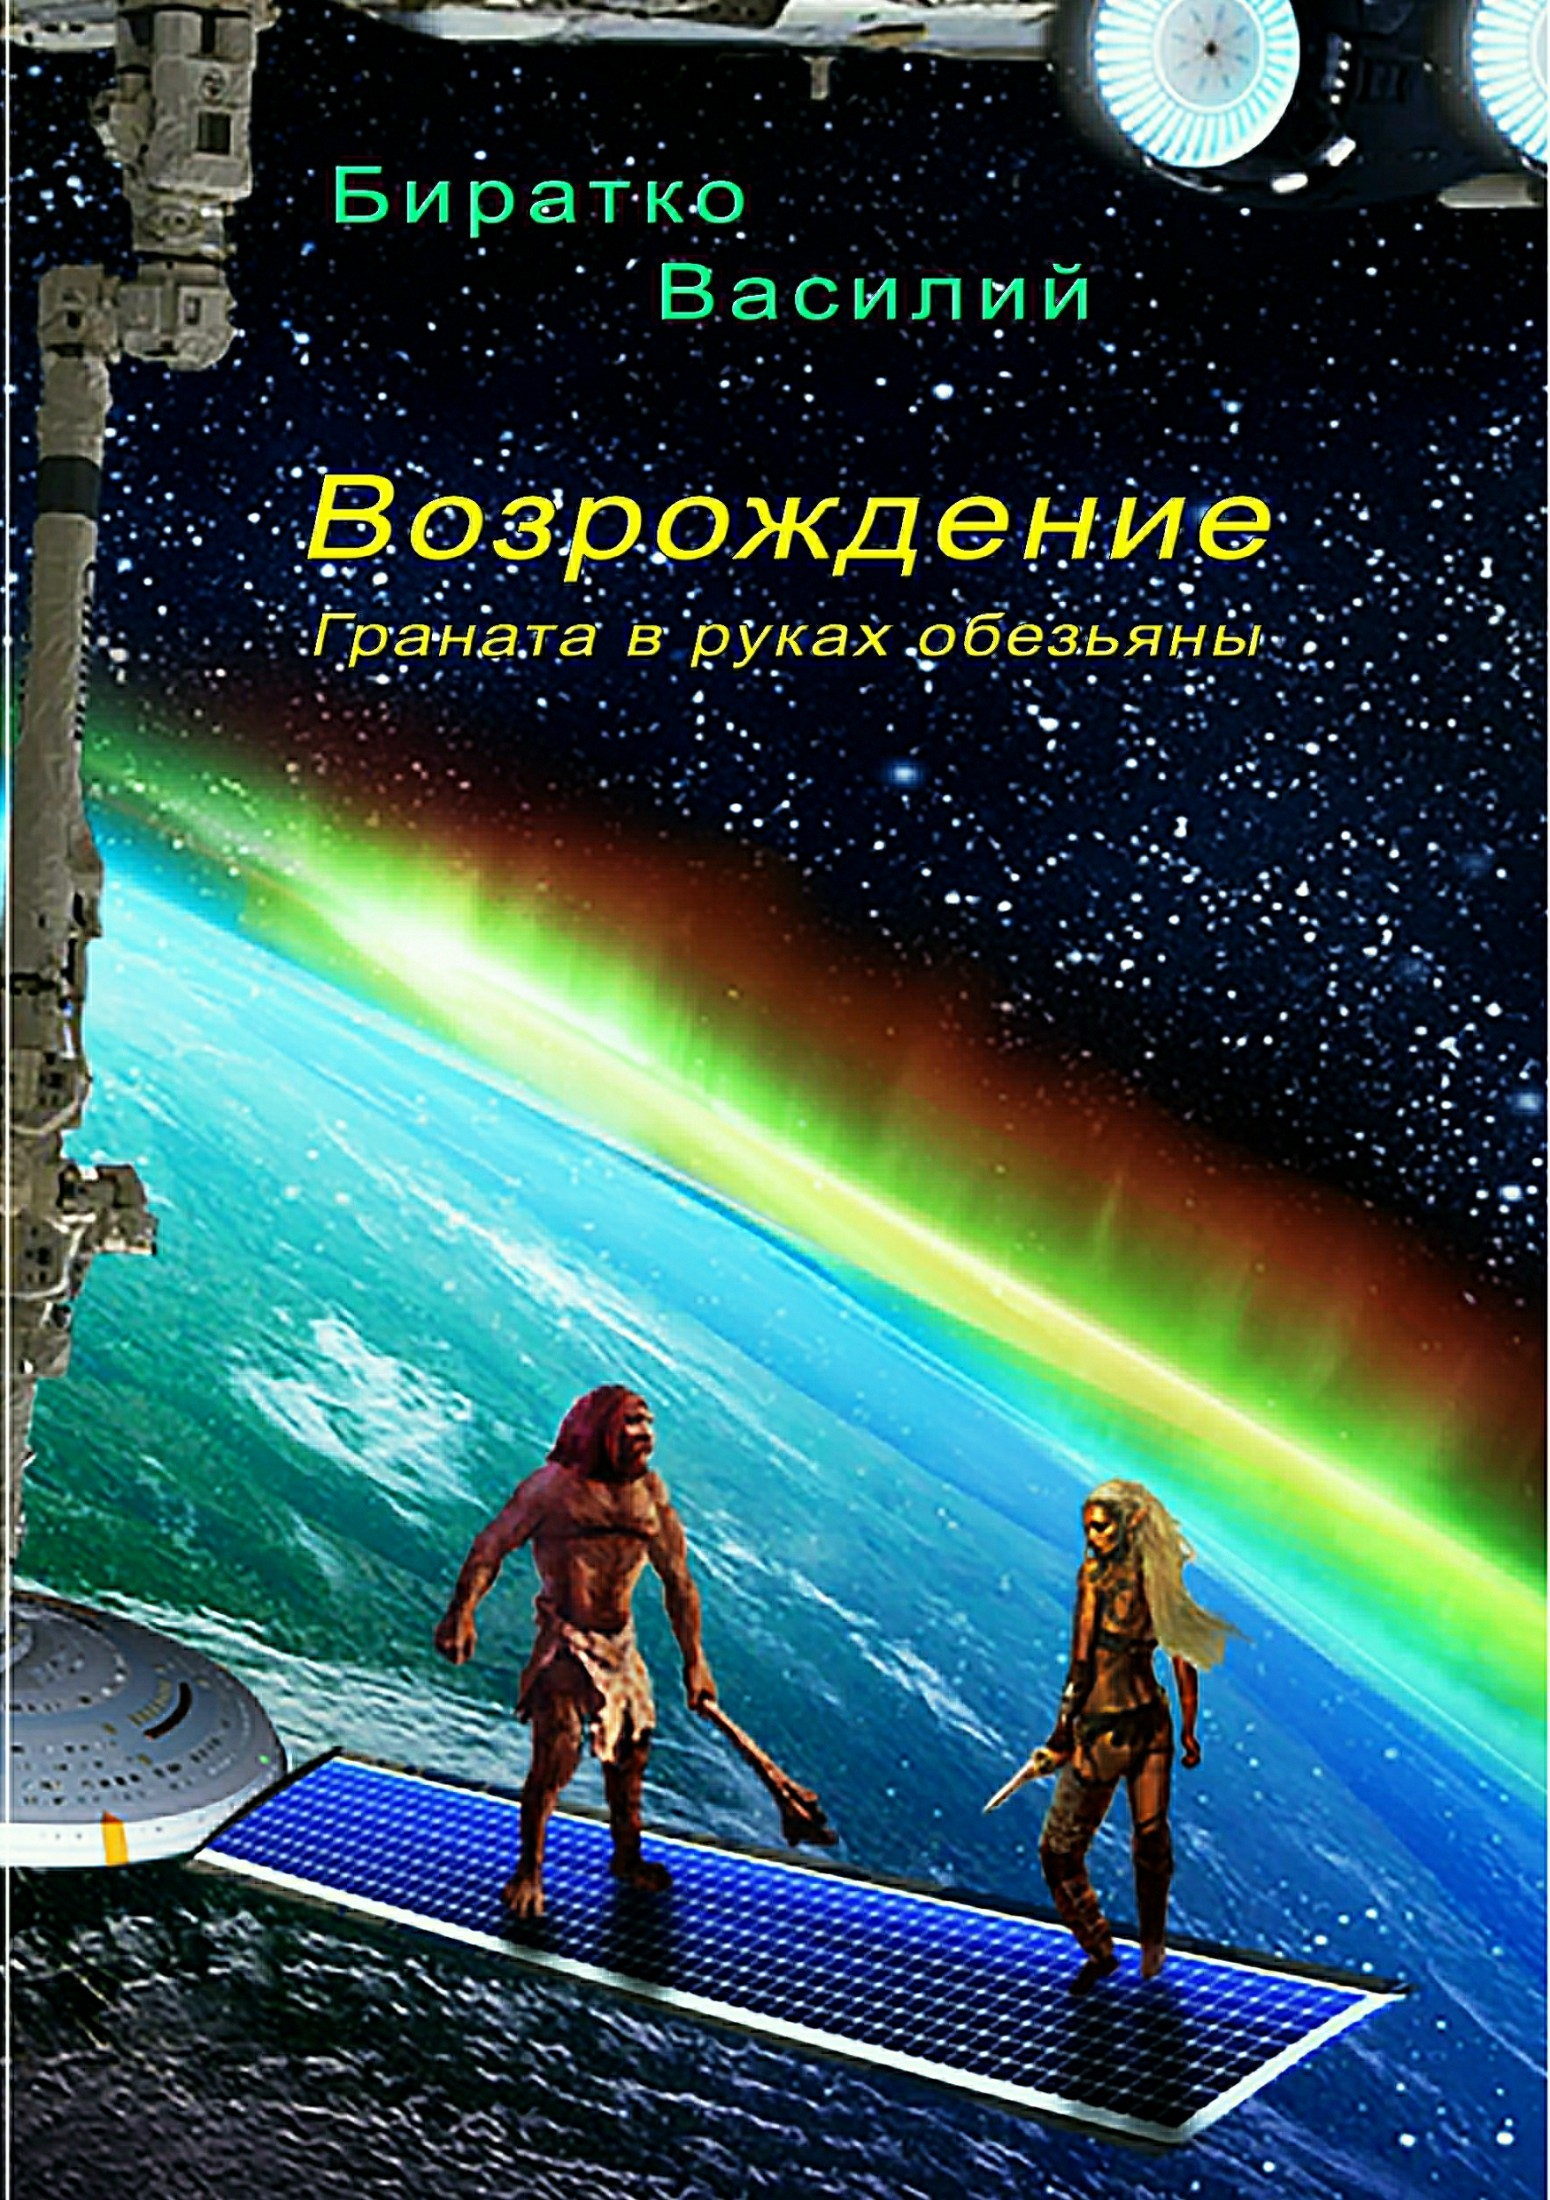 Василий Федорович Биратко. Возрождение, или Граната в руках обезьяны